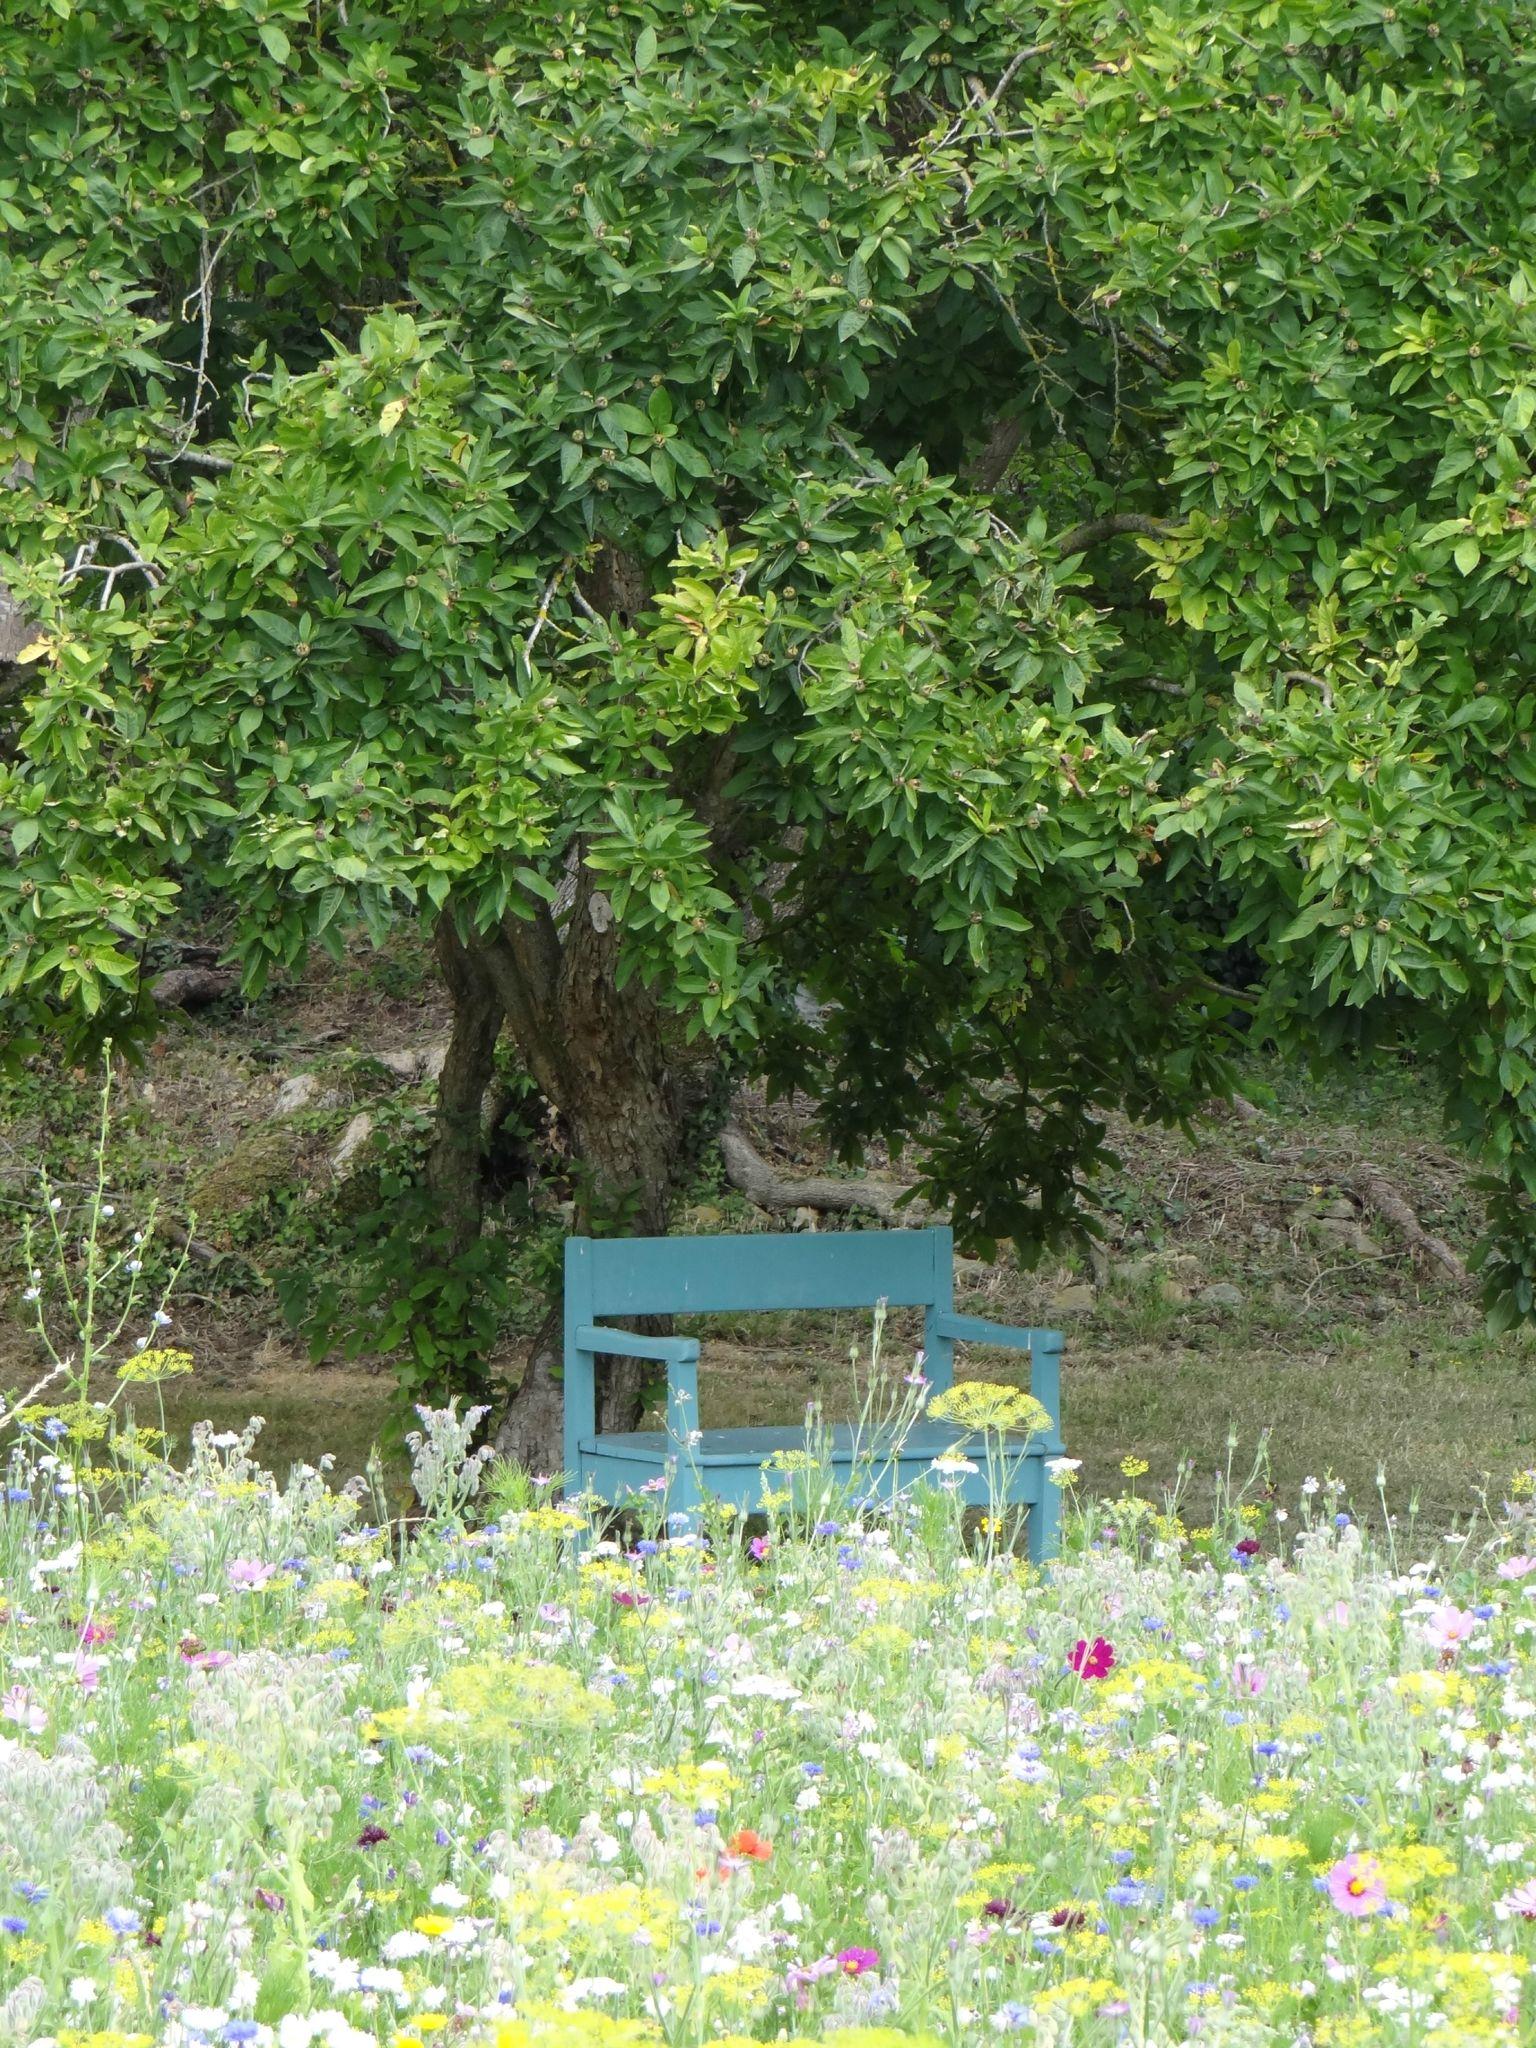 0d3425465094aa624e0782f3253da3a5 Meilleur De De Boule Deco Jardin Des Idées